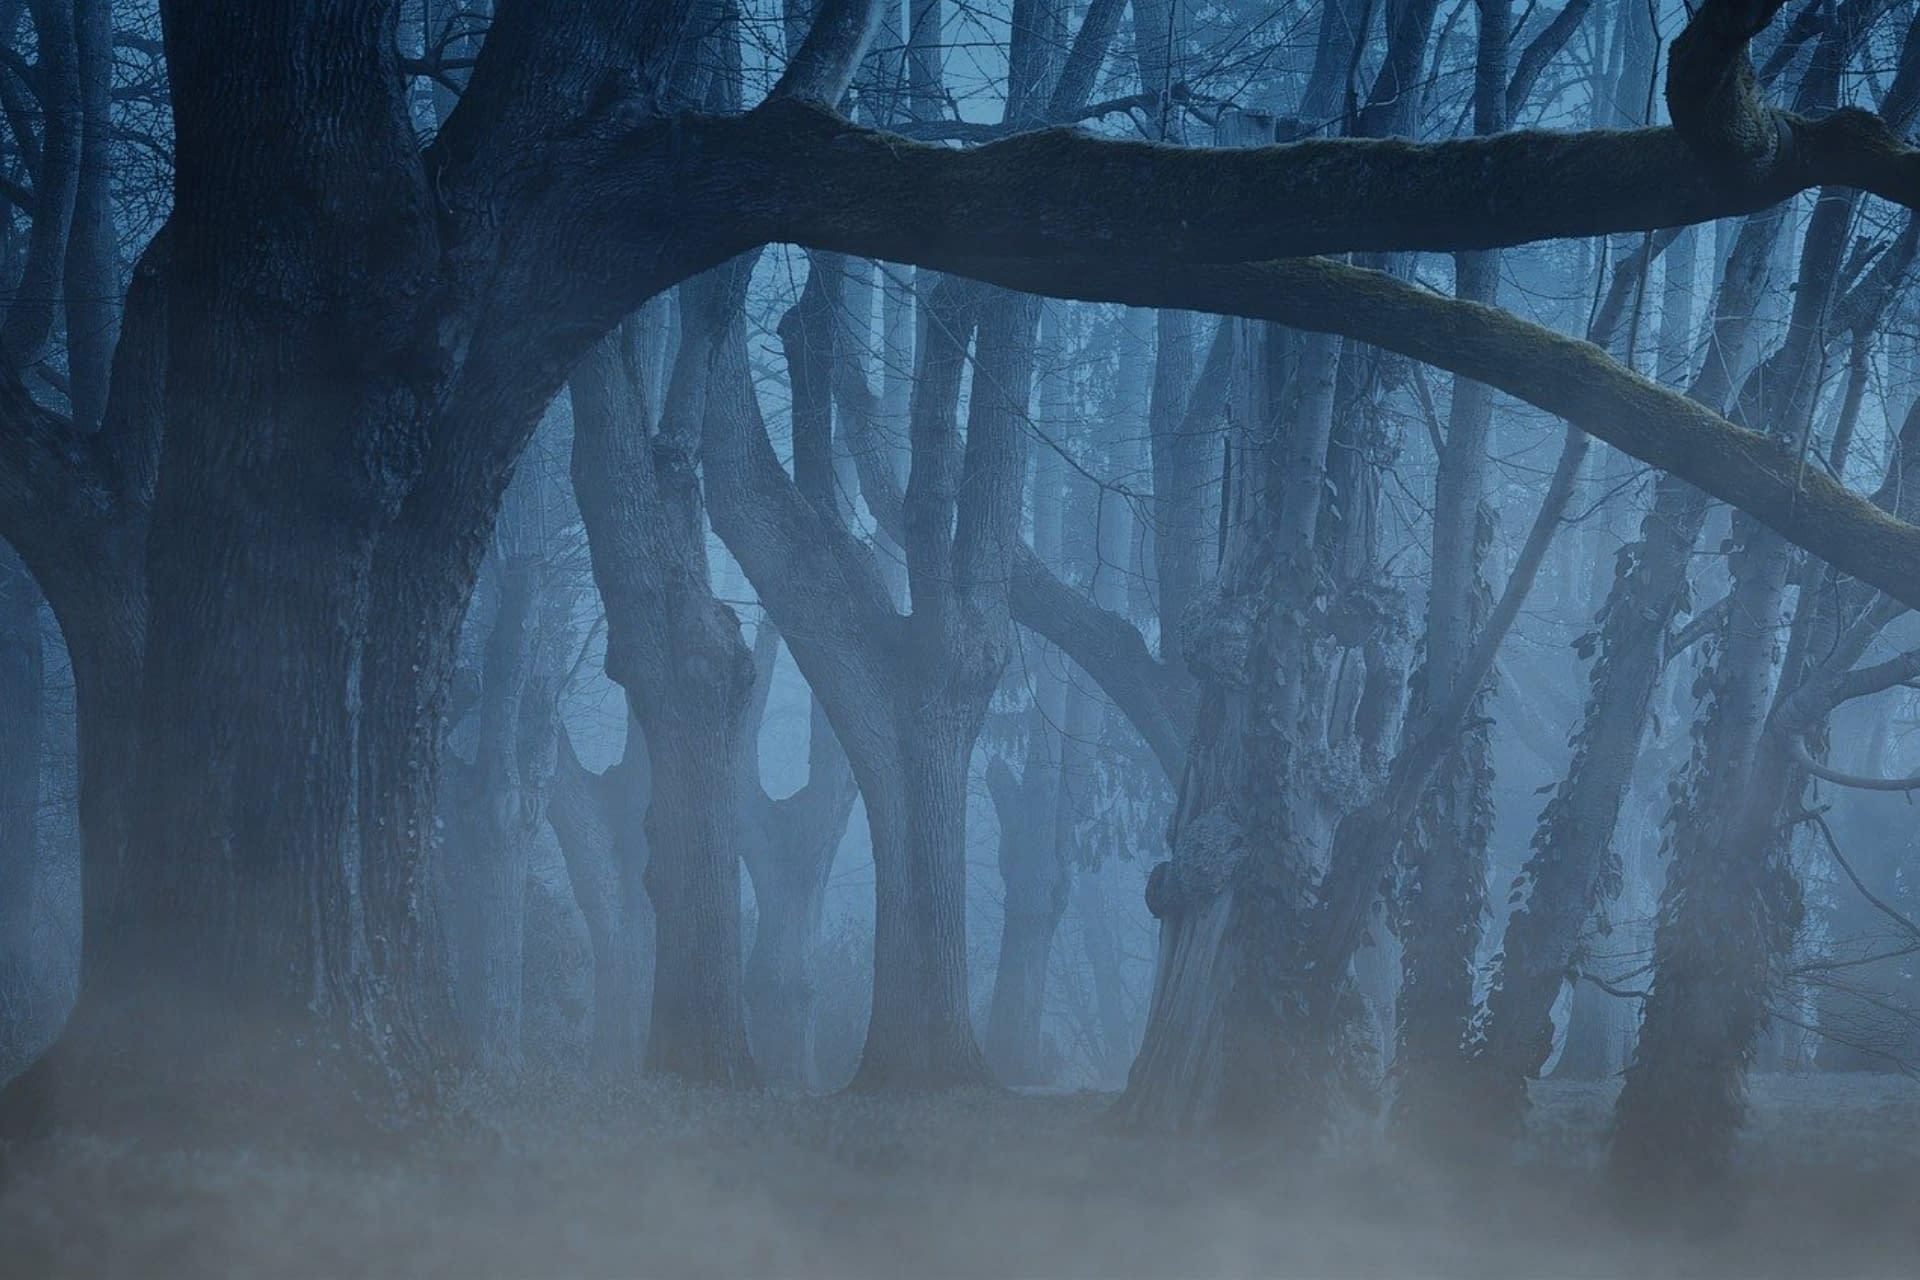 Rauhnächte - Dunkler Wald mit Nebel